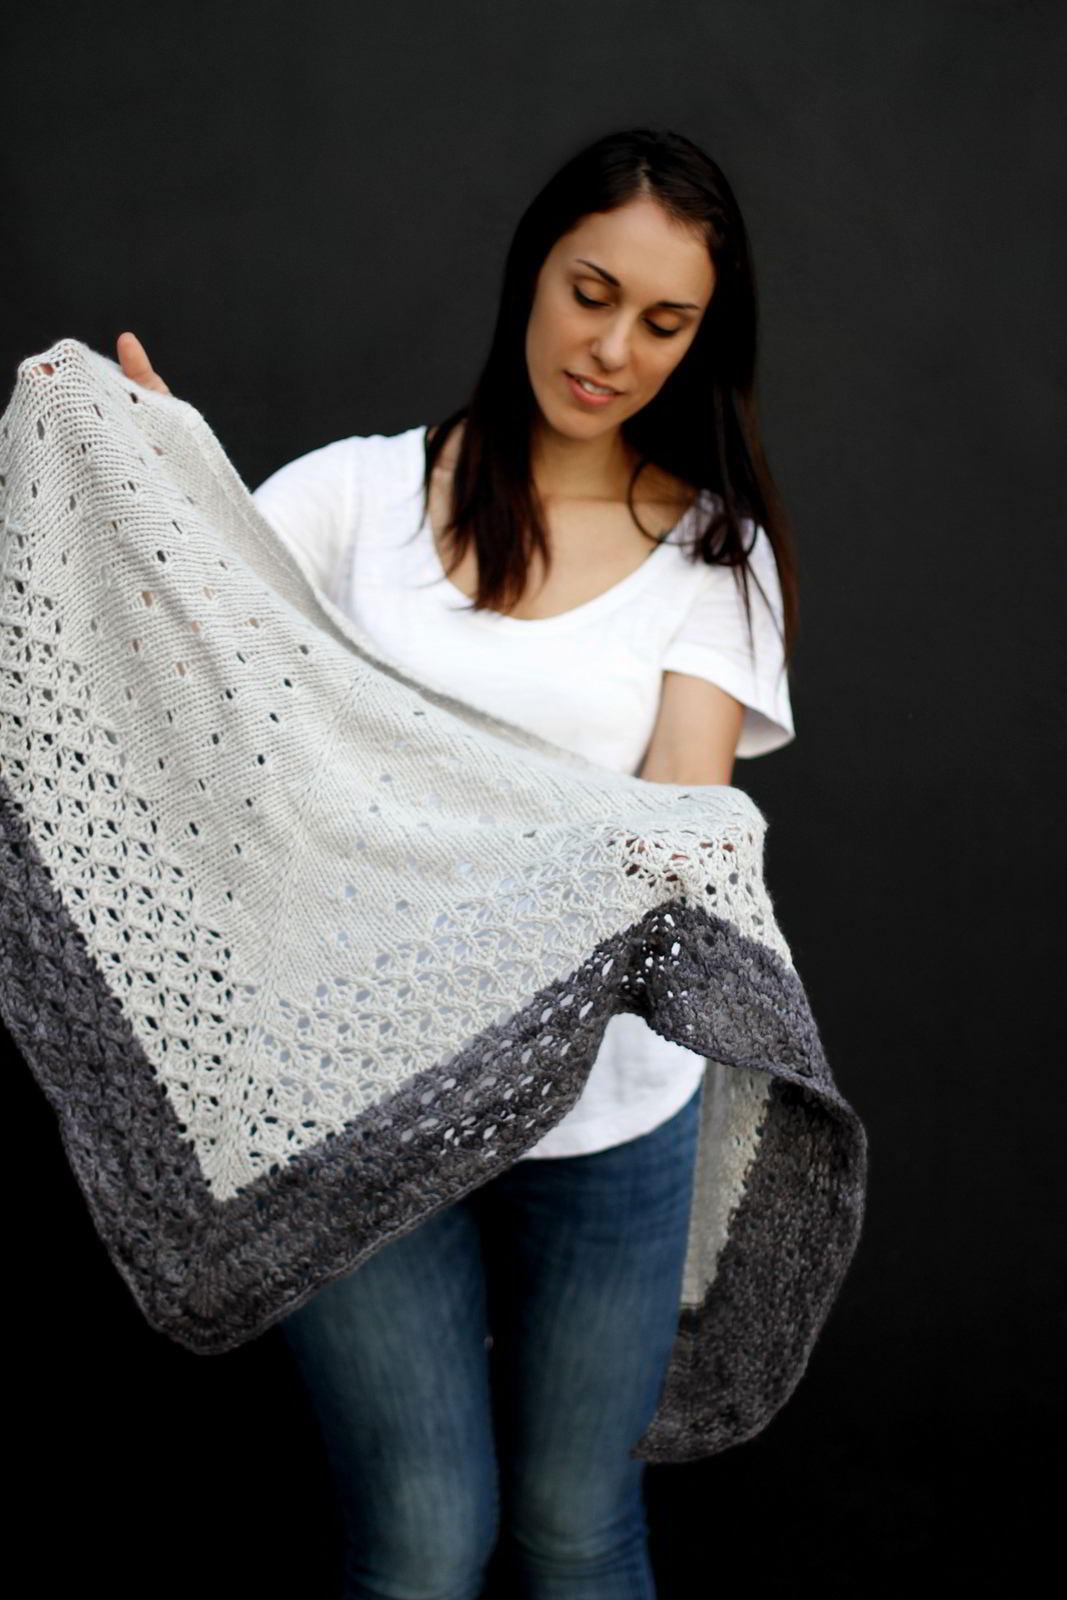 Кардиган шаль вязаный спицами платочной вязкой сверху вниз